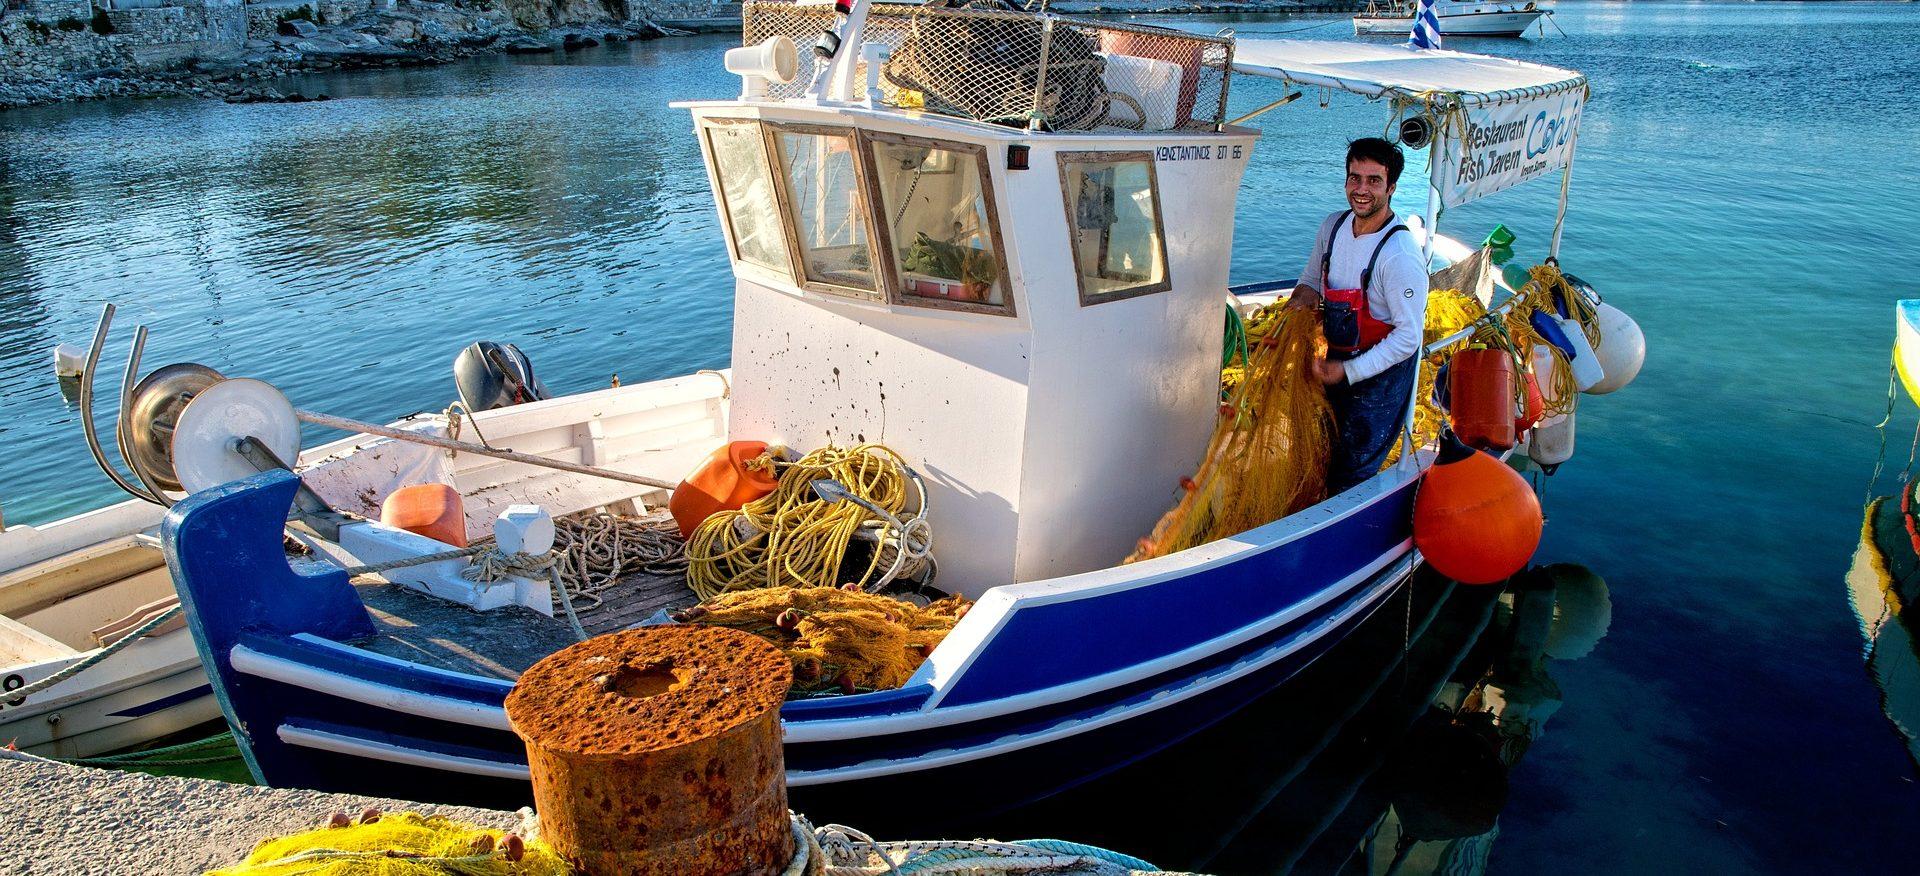 Ταξιδέψτε στη Σάμο για το Καλοκαίρι, αεροπορικώς | Καλοκαίρι στην Ελλάδα με το Prima Holidays